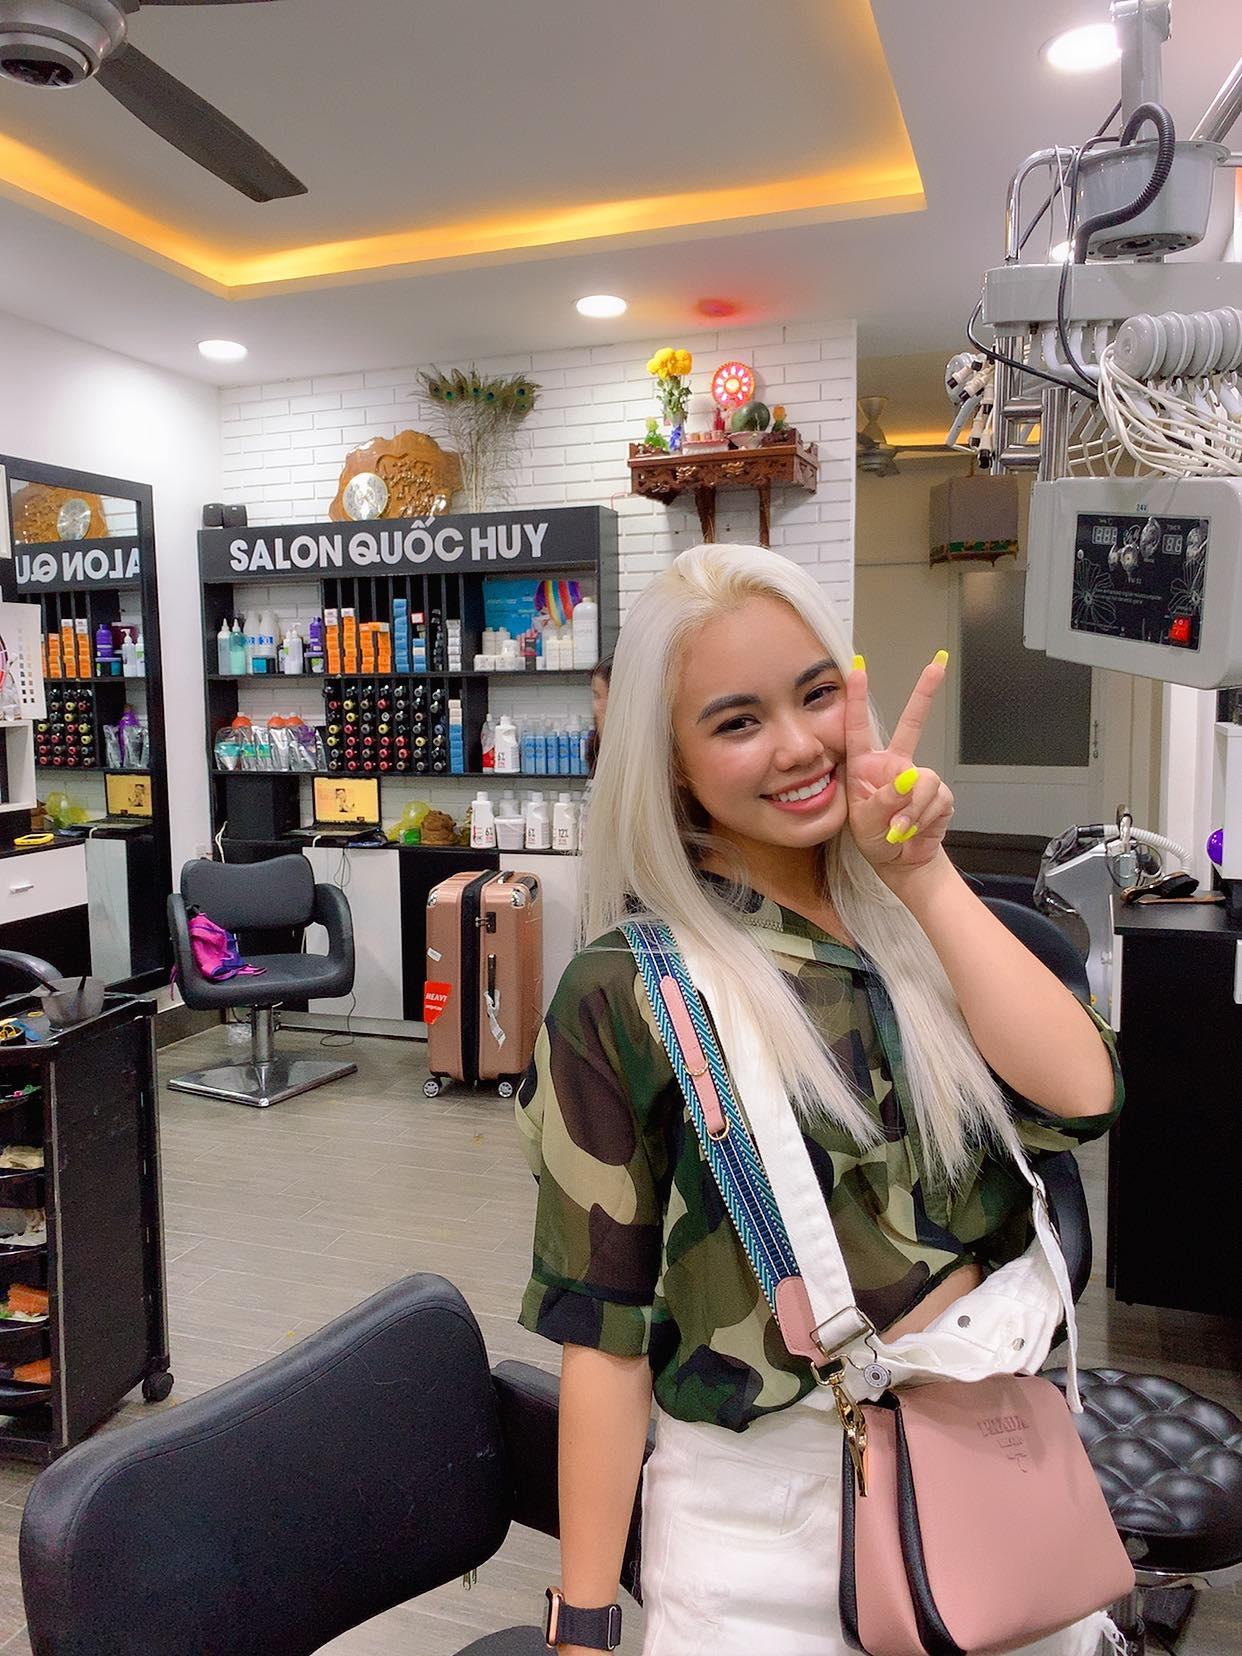 không gian hair salon quốc huy